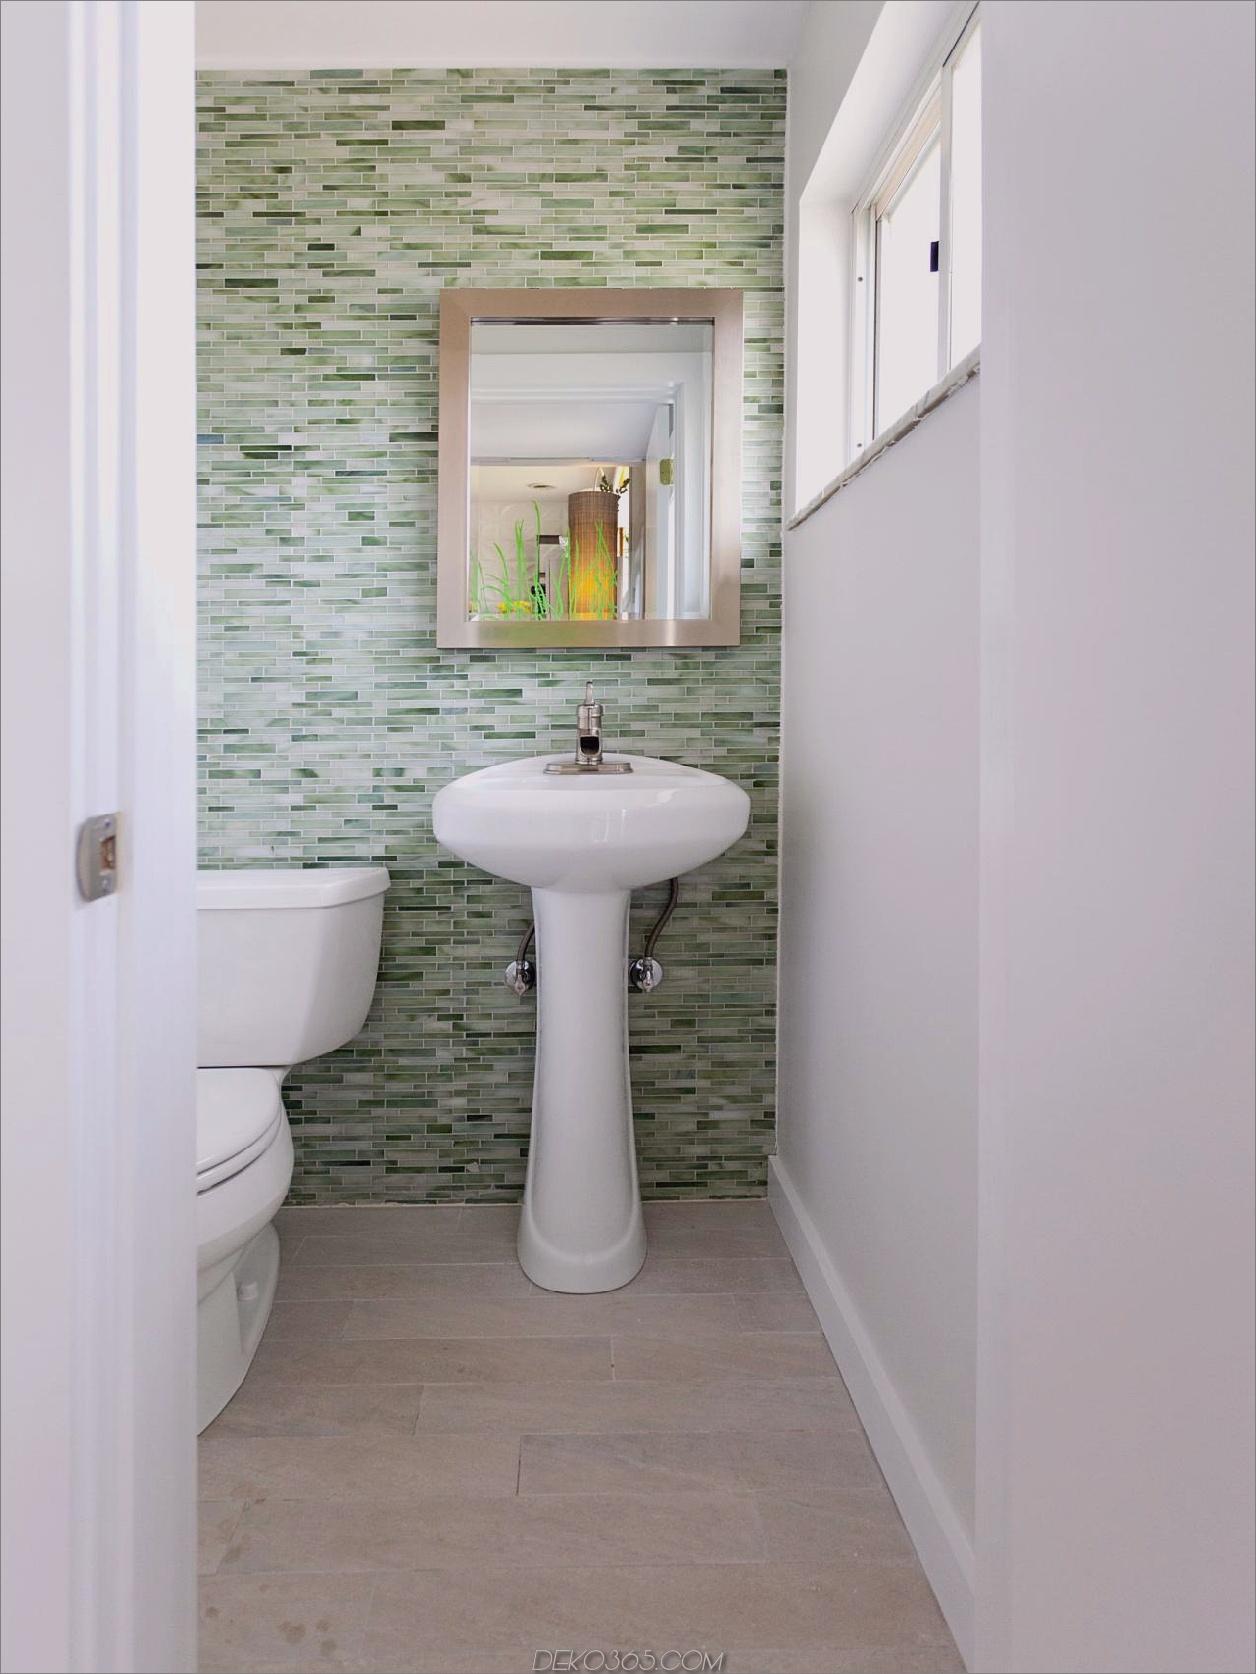 Badezimmerfliesen Grüner Marmor ist der neueste Trend, den Sie lieben werden